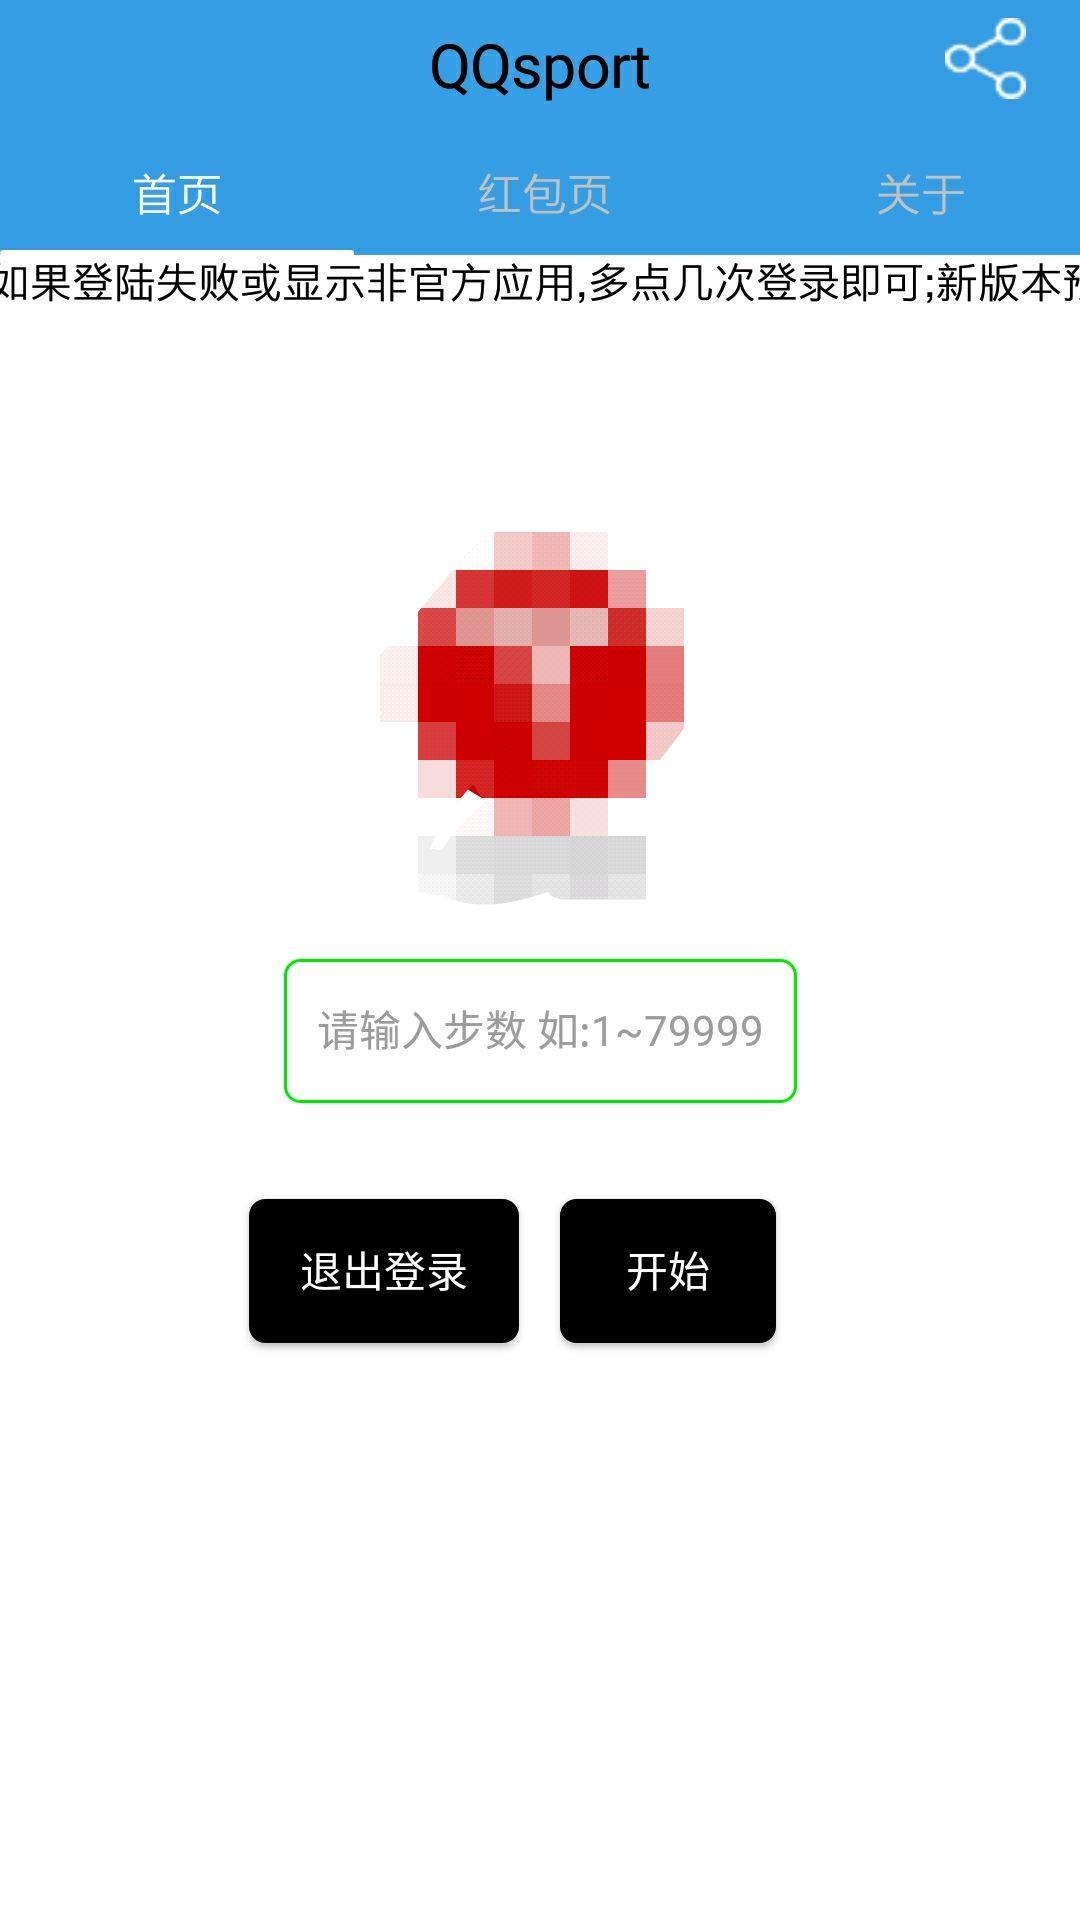 qq_pic_merged_1502162937876.jpg